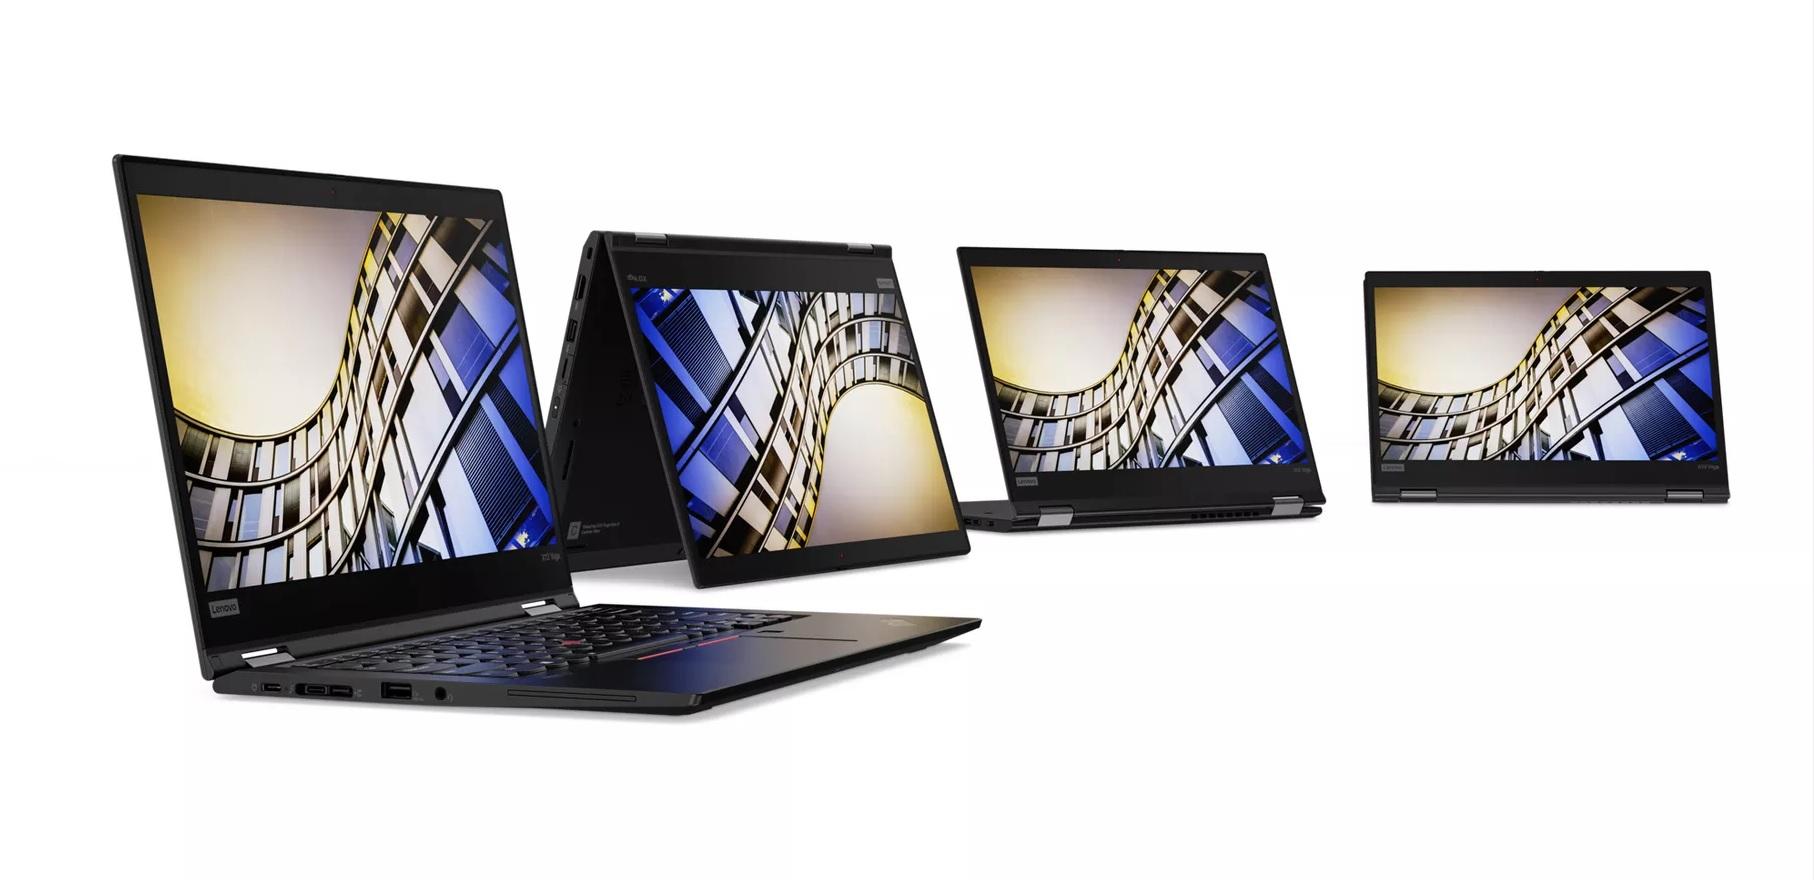 Nareszcie jakiś porządek w nazwach nowych ThinkPadów od Lenovo. Wszystkich... dziewięciu